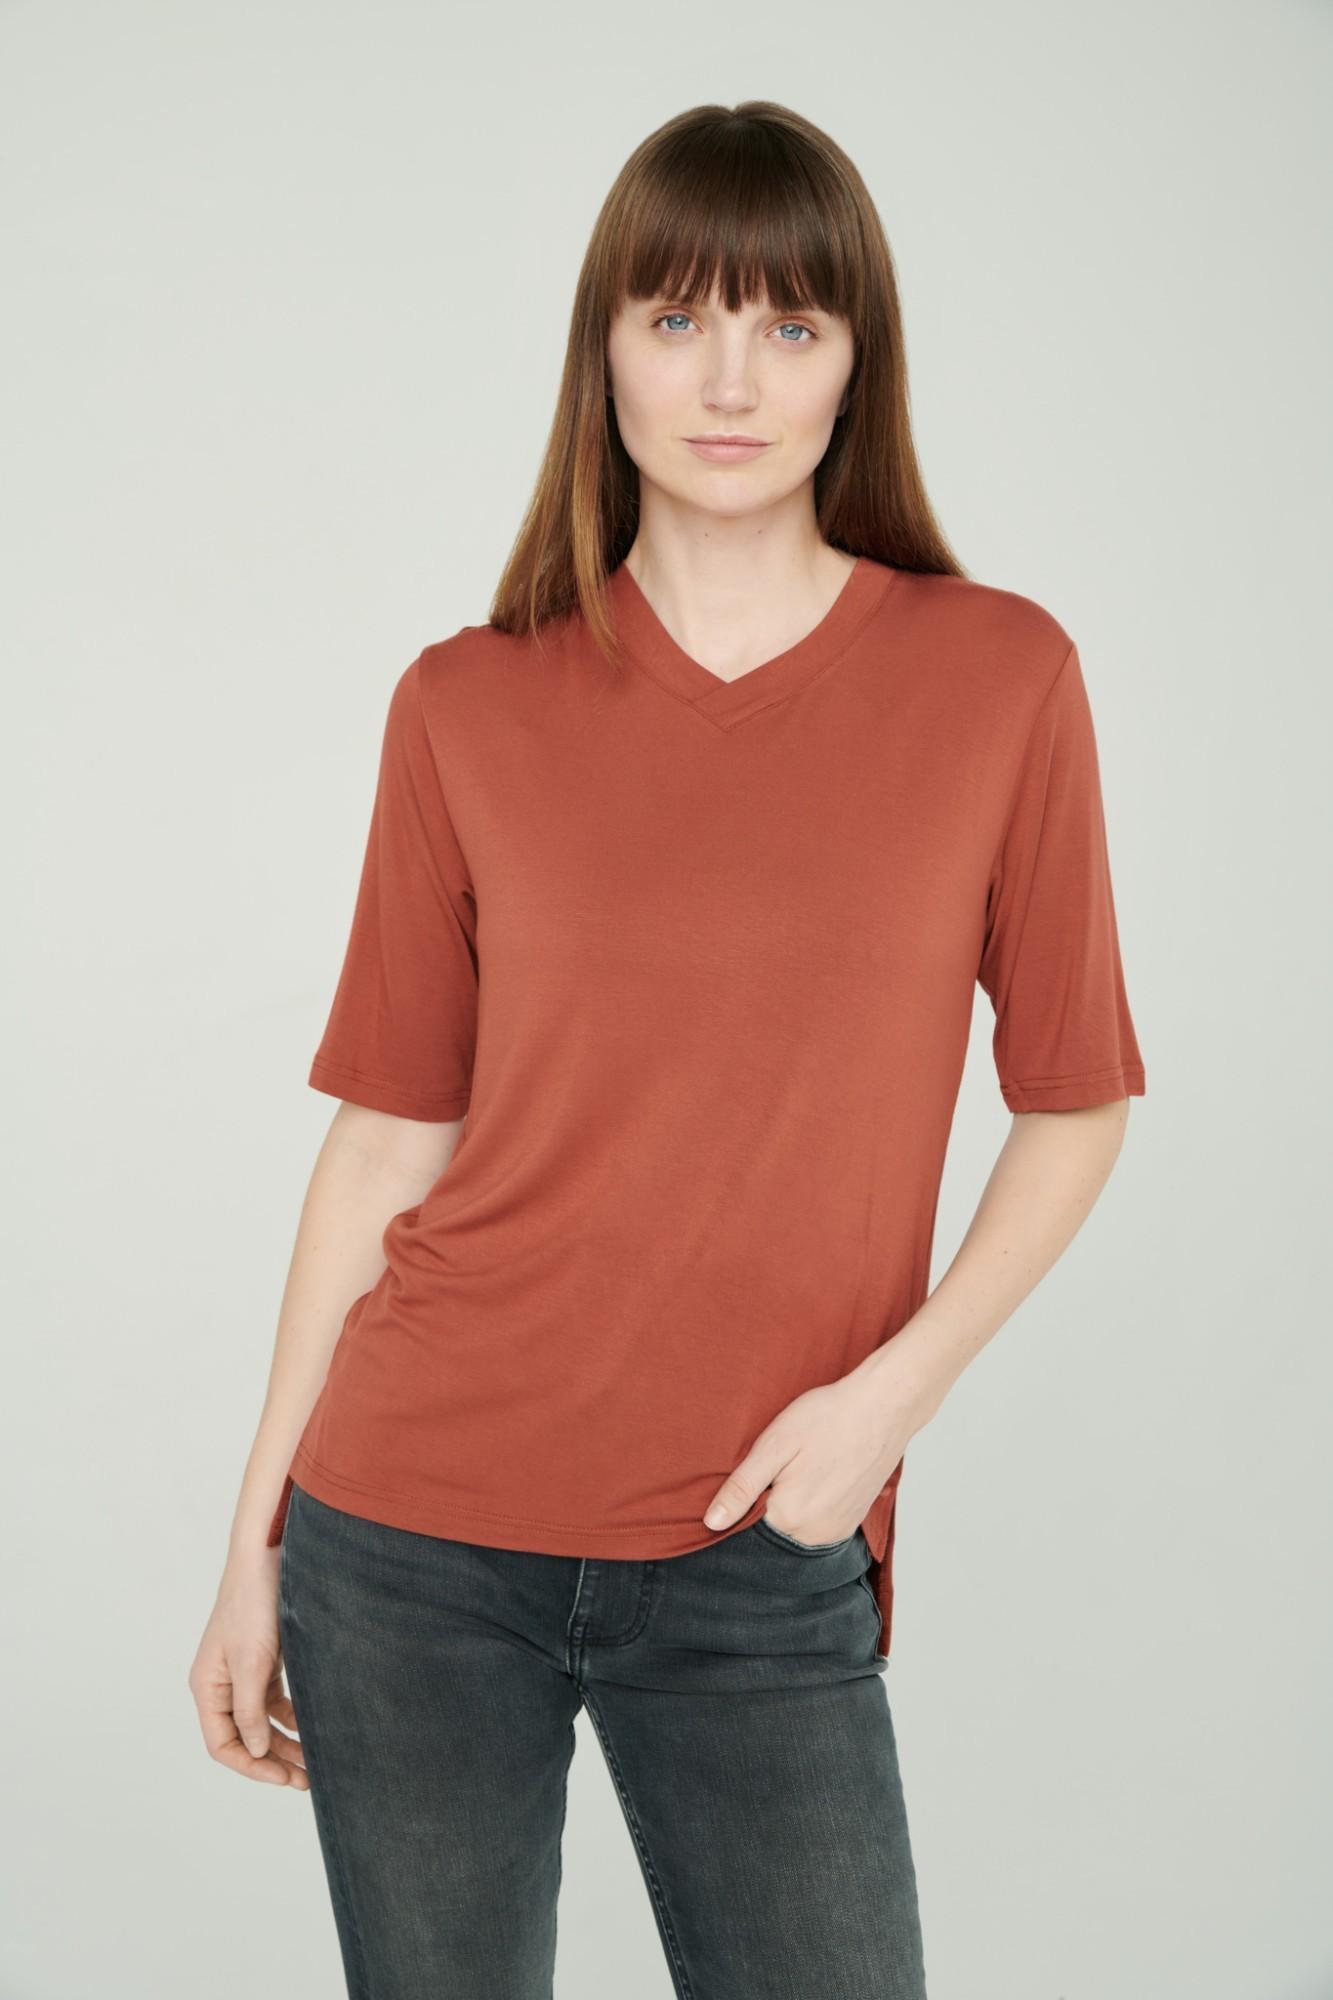 AUDIMAS Lengvi švelnūs marškinėliai 2111-071 Auburn M